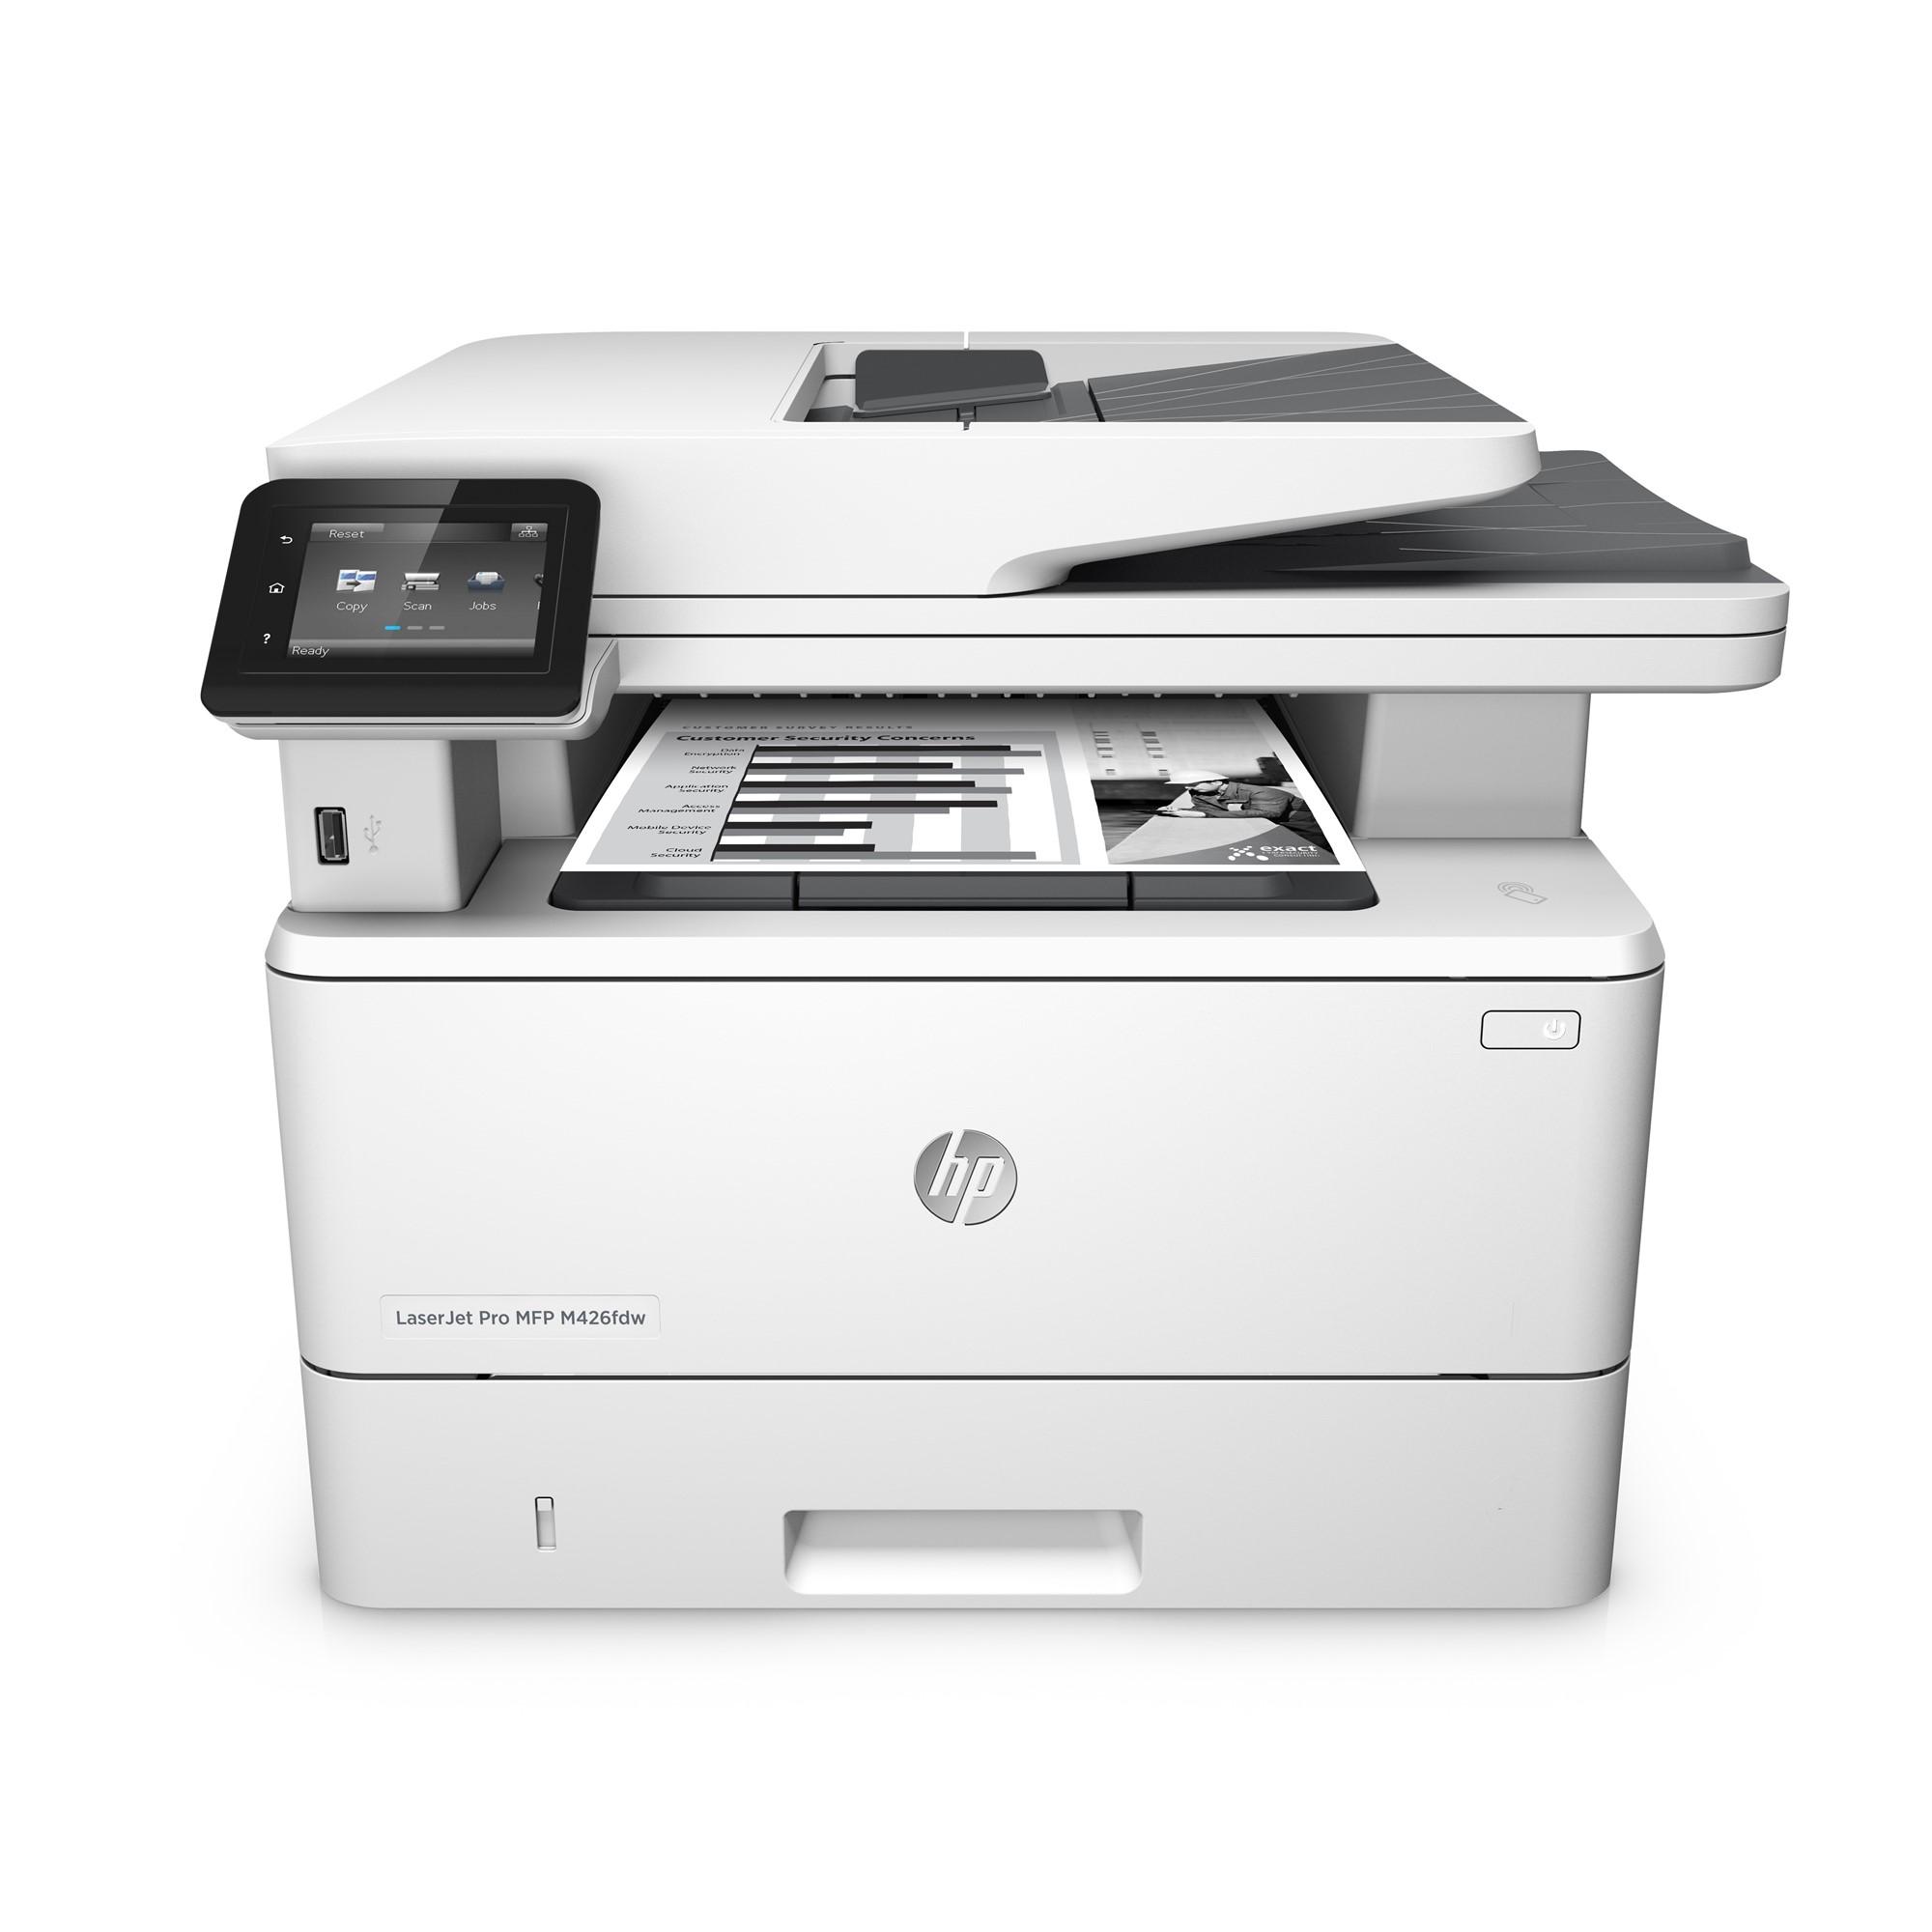 Принтер HP LaserJet Pro MFP M426fdw